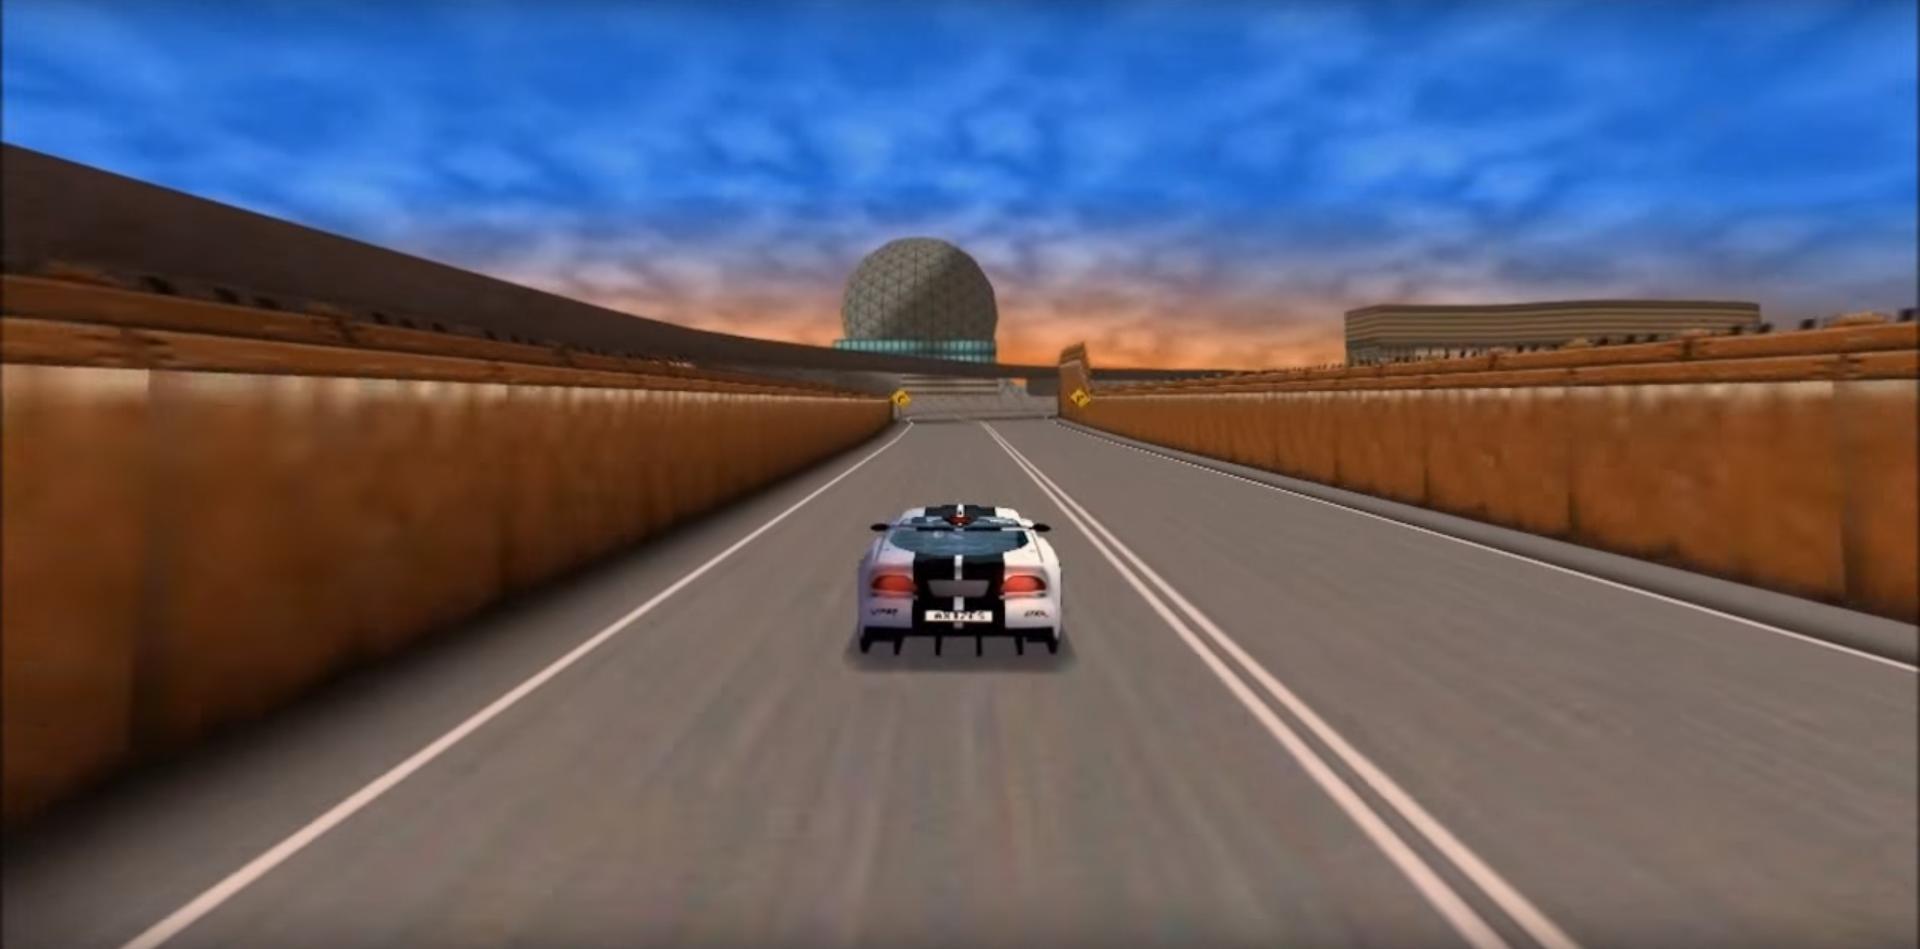 Image: YouTube screencapture